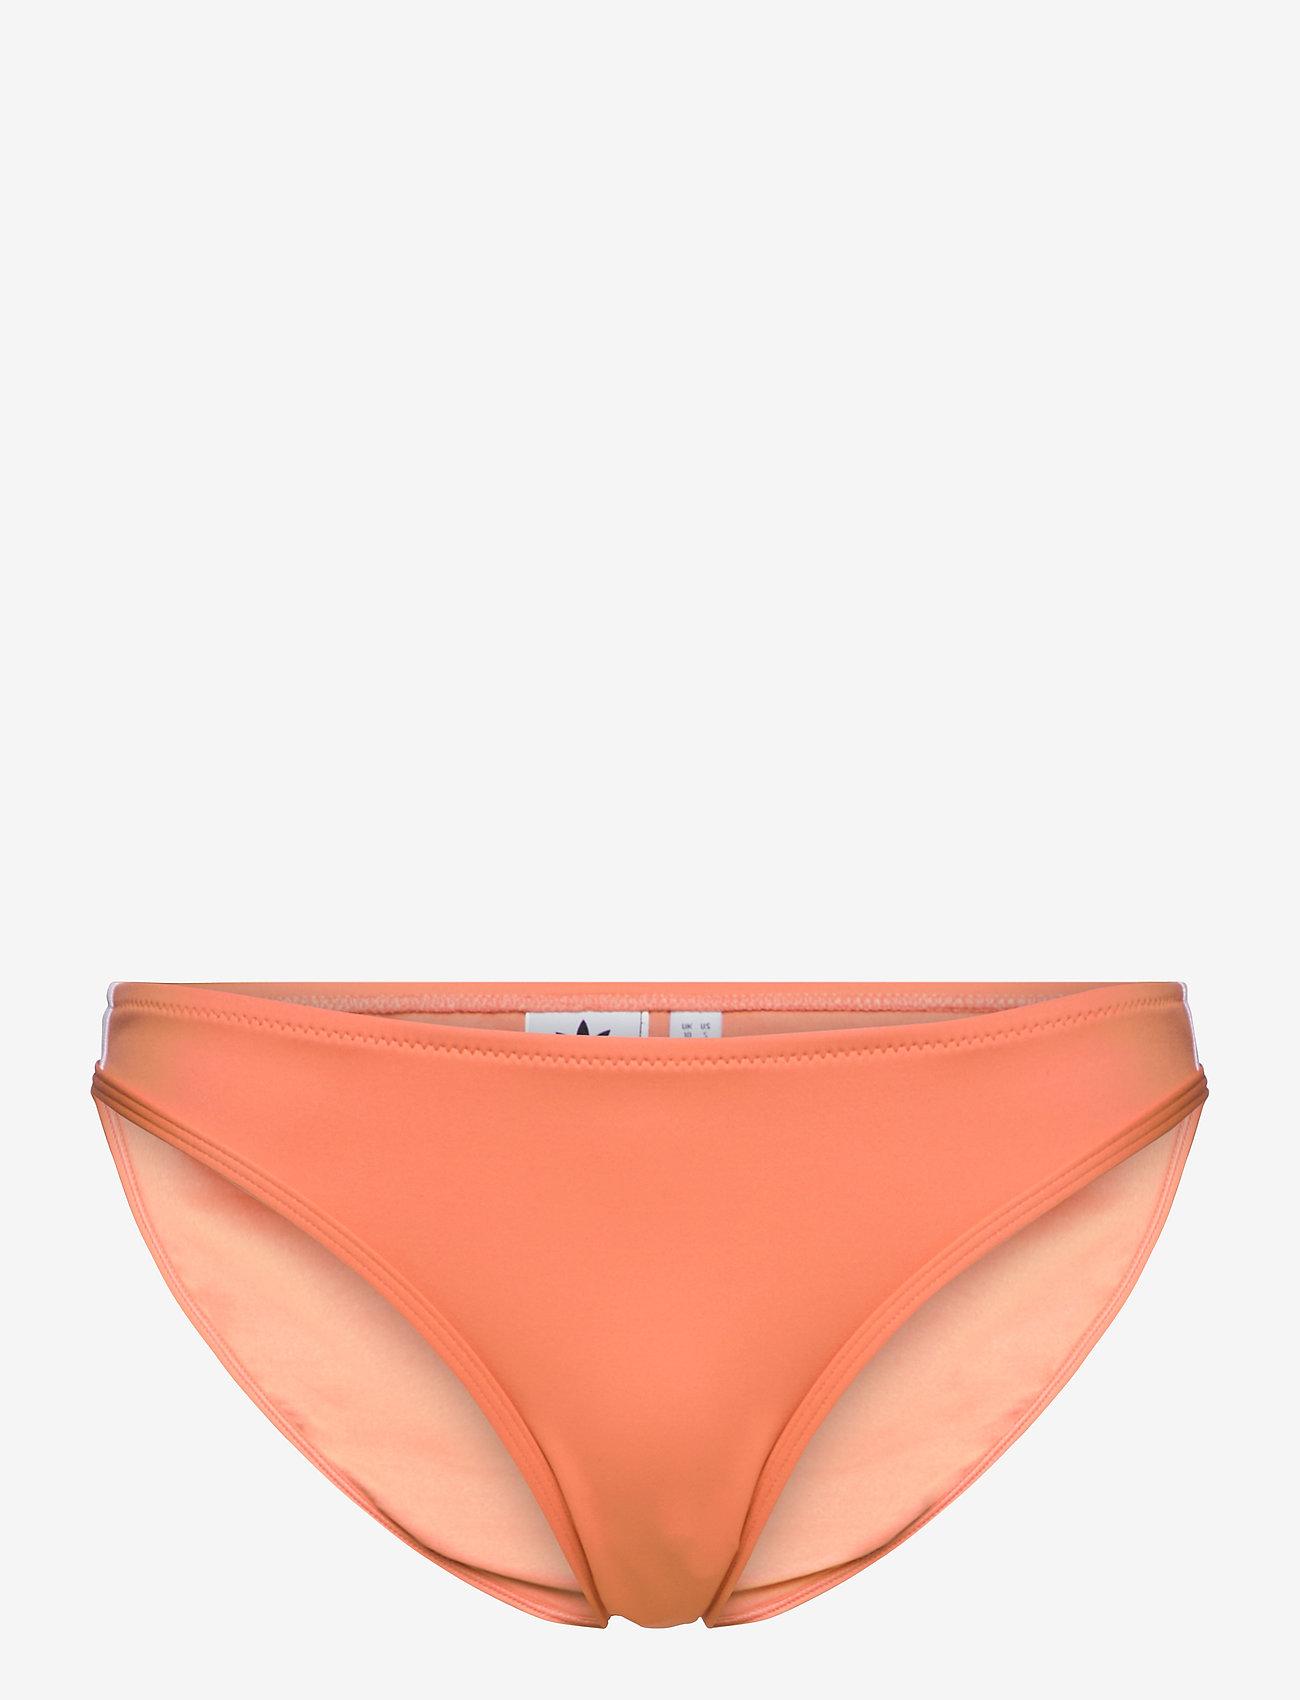 adidas Originals - Adicolor Classics Primeblue Bikini Bottom W - doły strojów kąpielowych - hazcop - 1